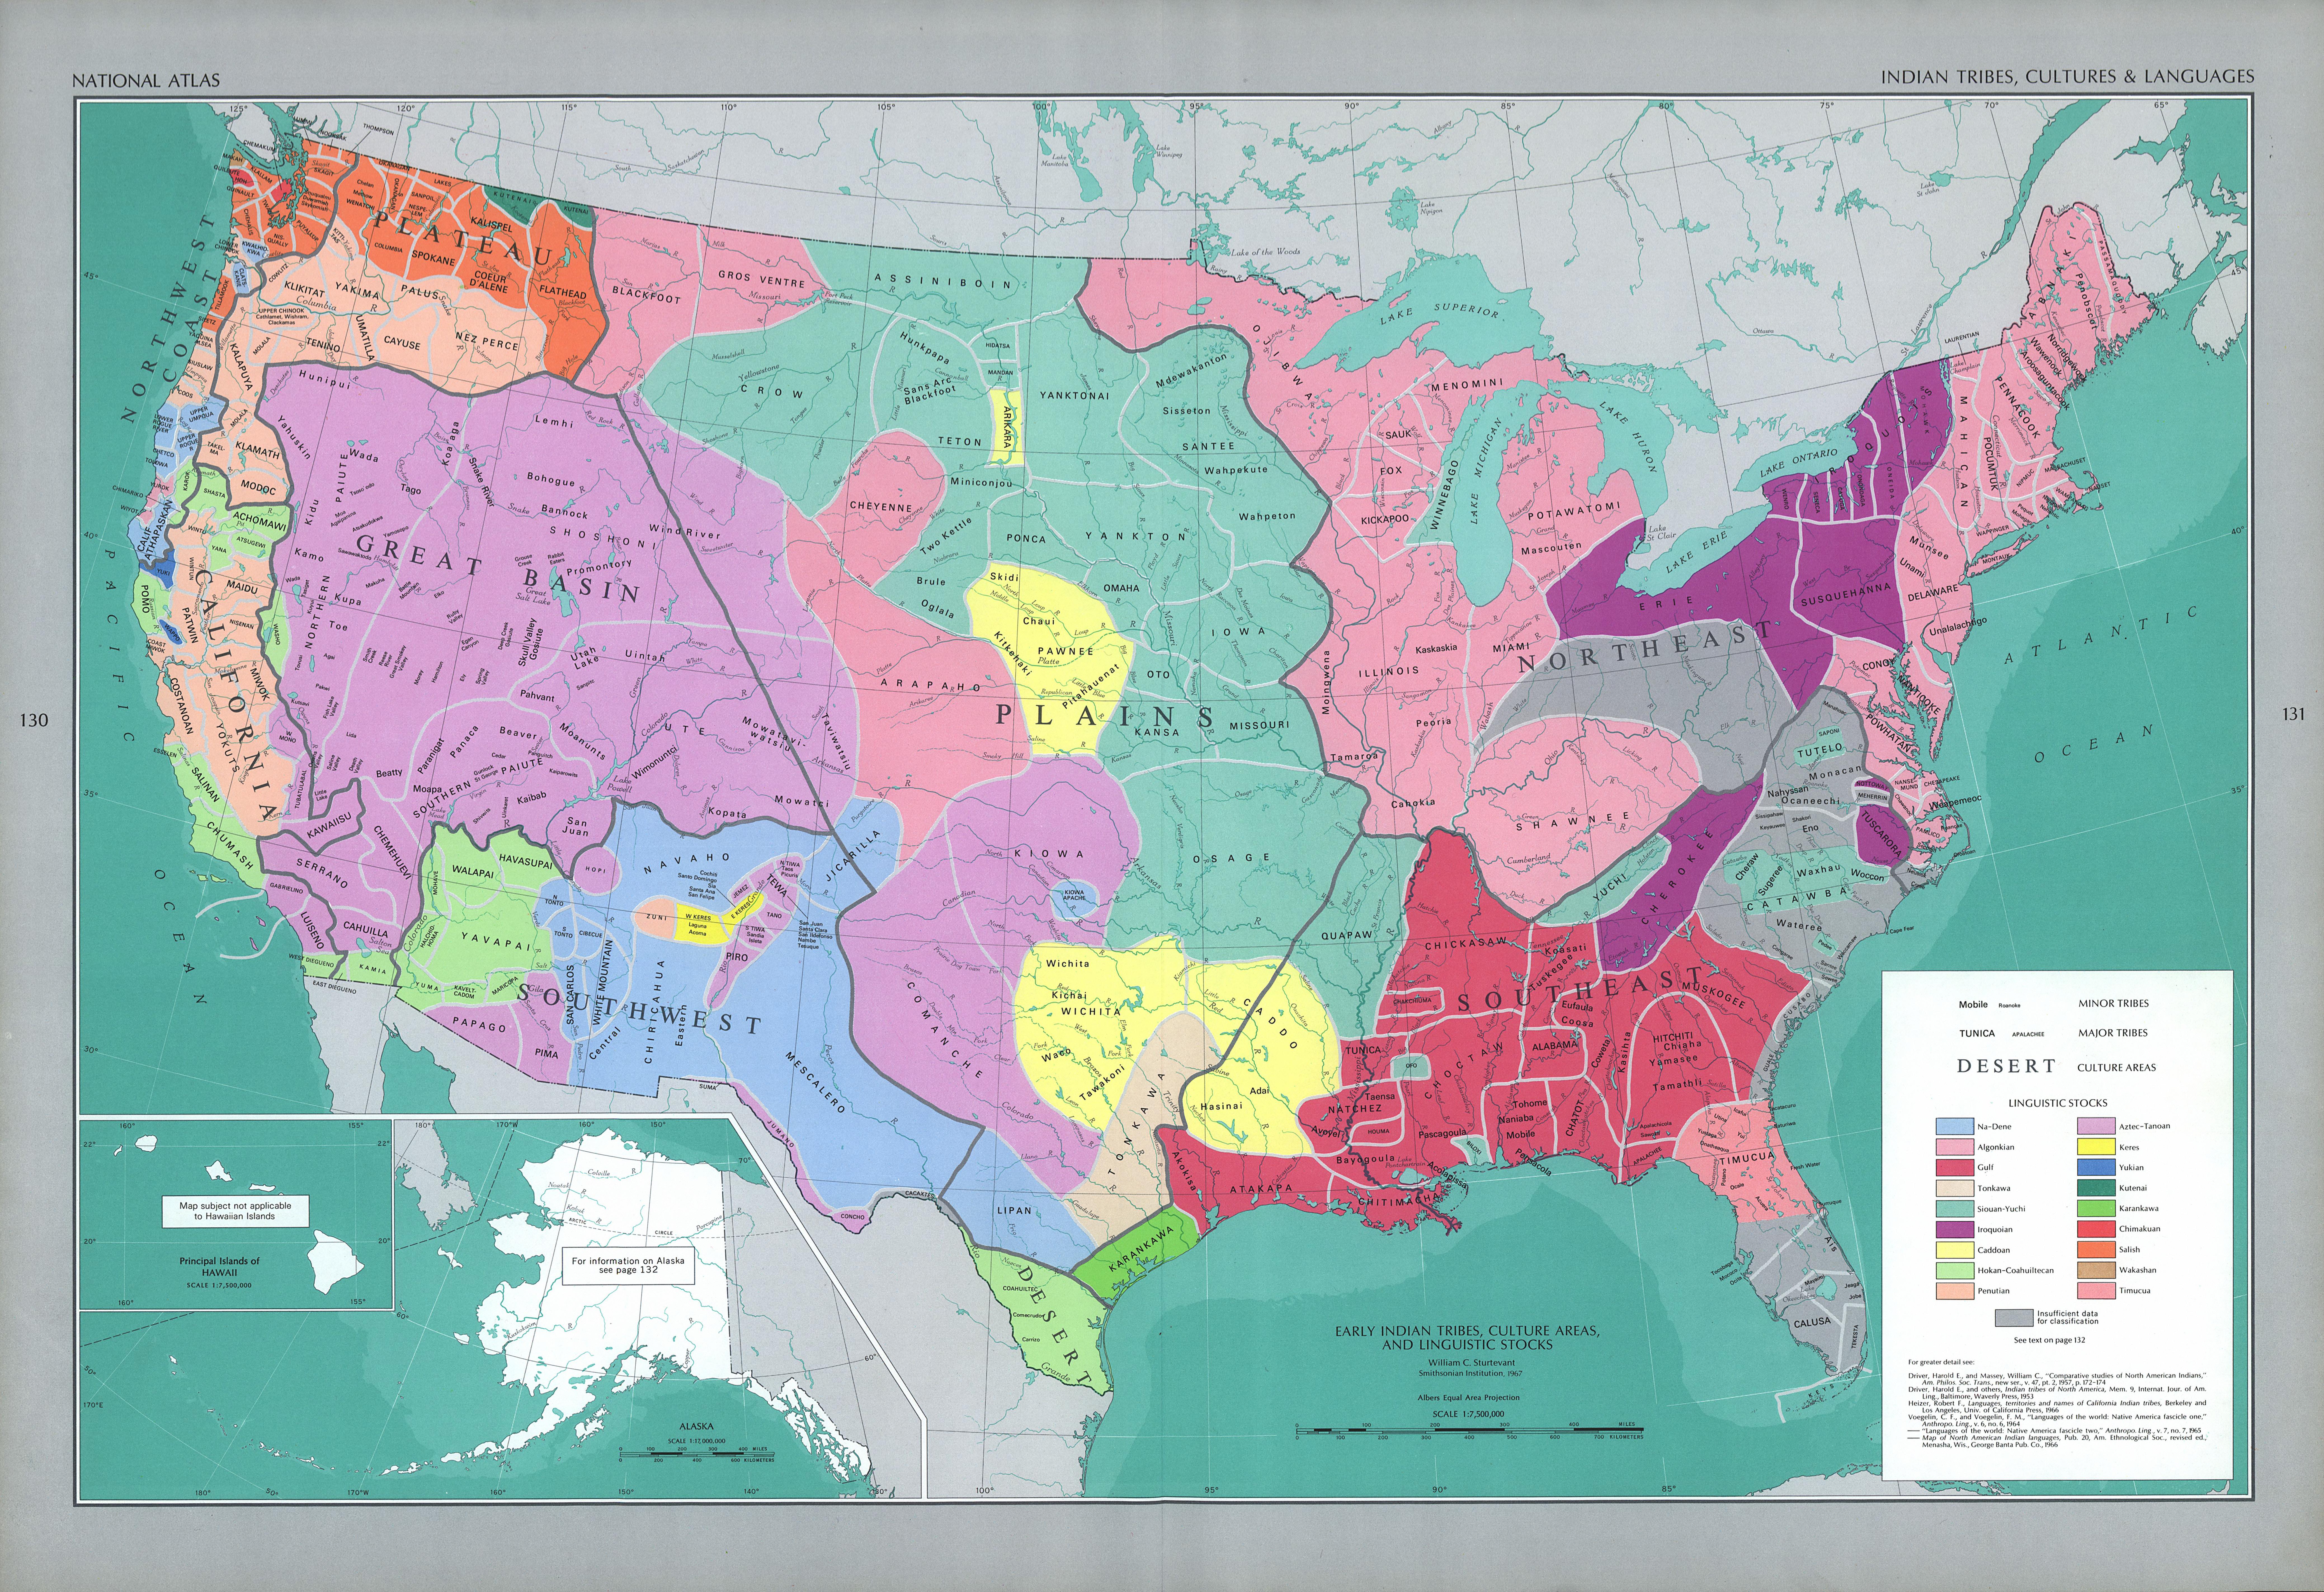 Lenguas y Culturas de las Tribus Indígenas de Estados Unidos 1970